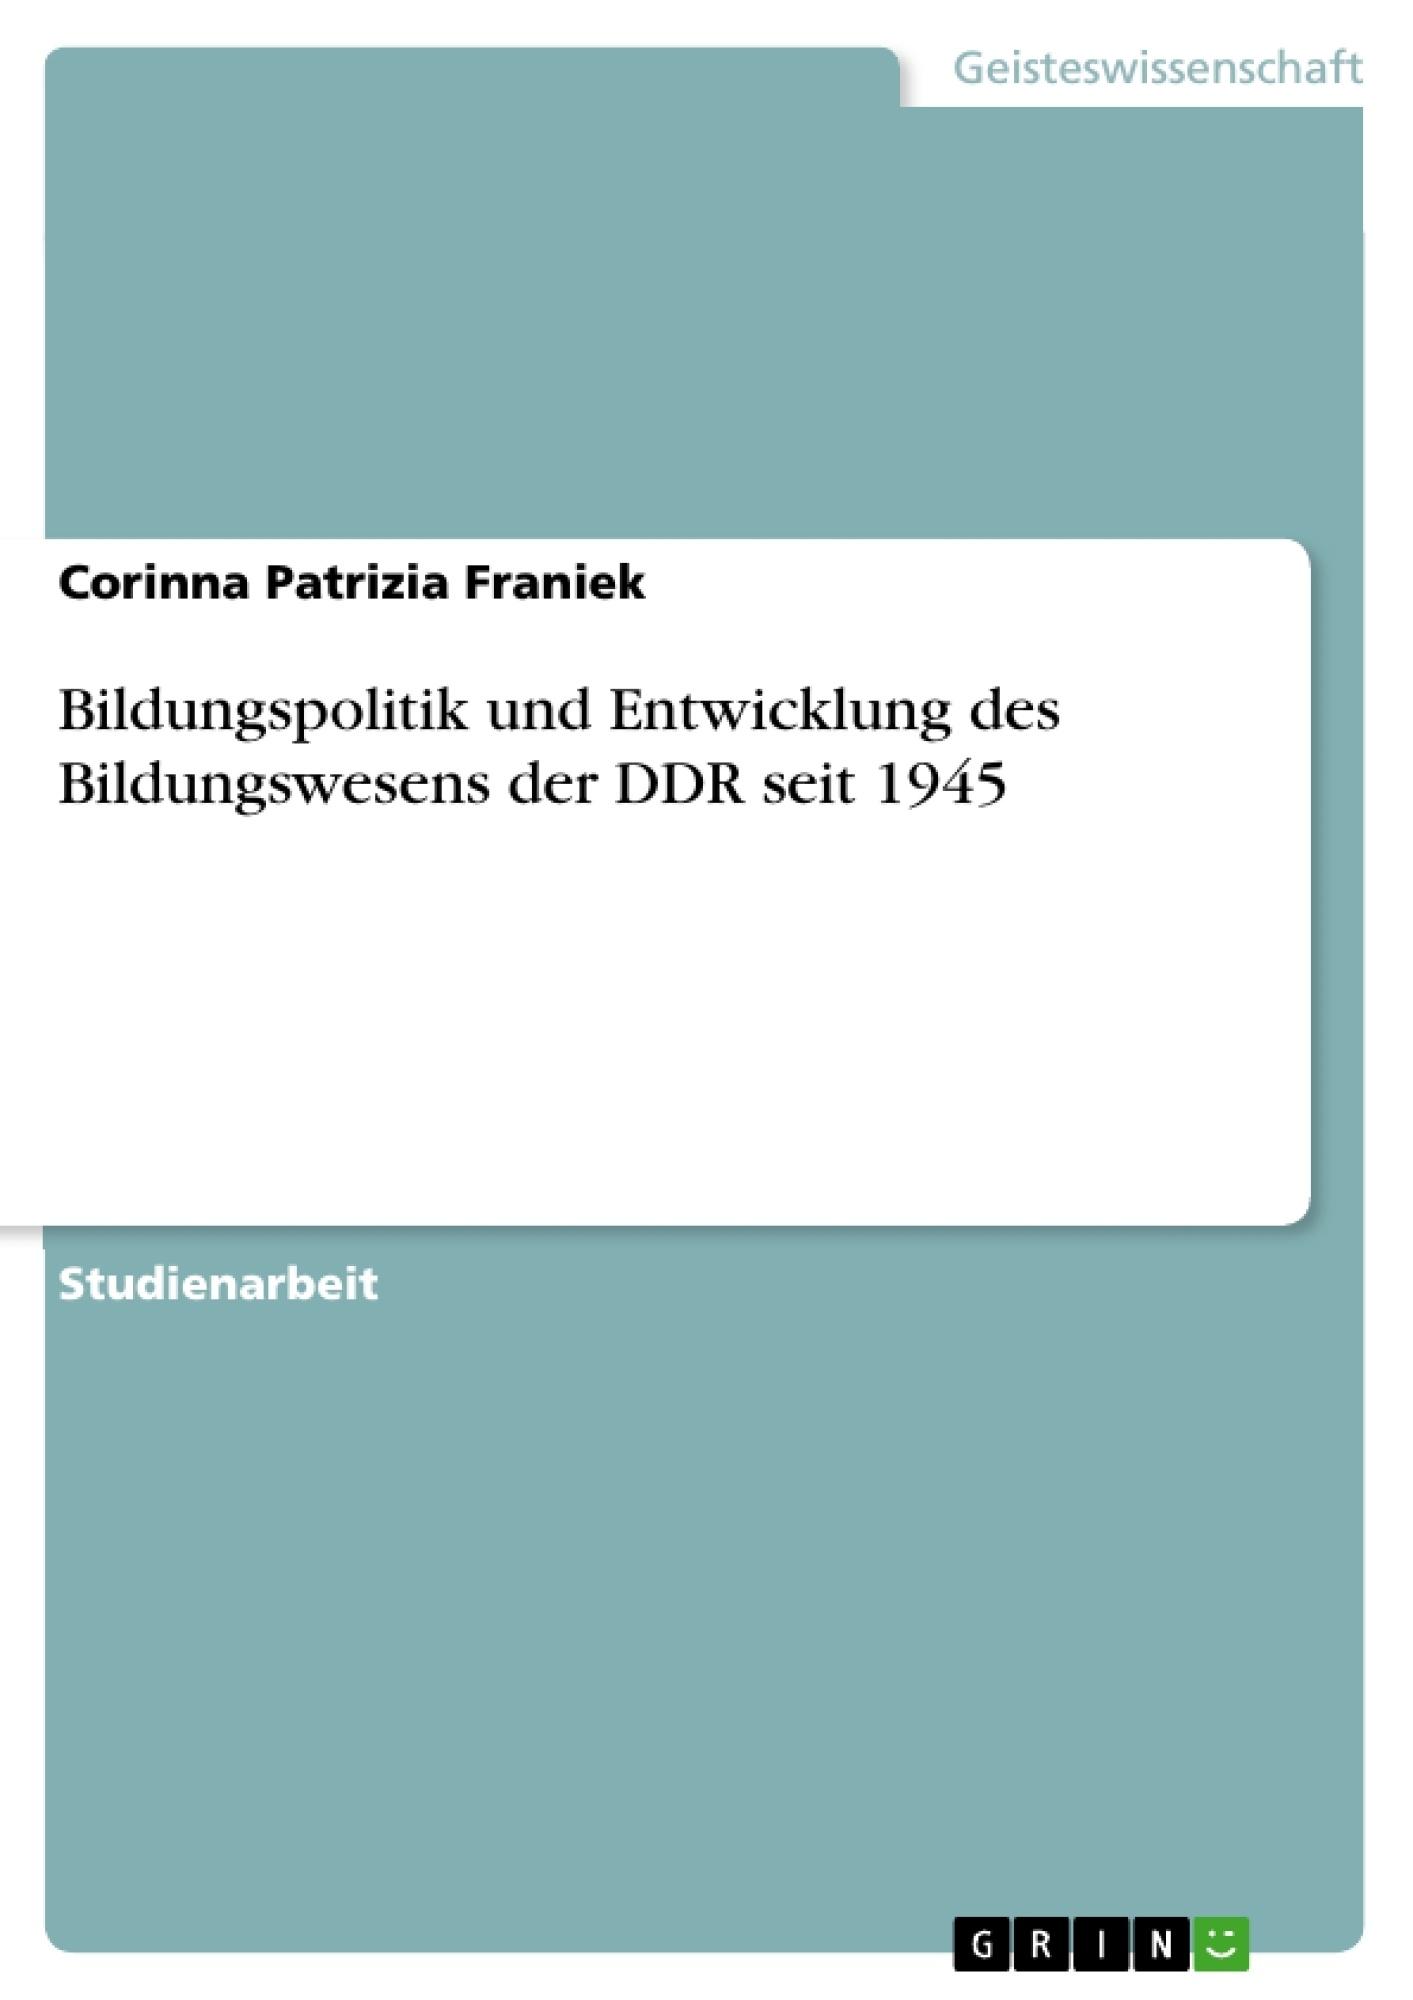 Titel: Bildungspolitik und Entwicklung des Bildungswesens der DDR seit 1945